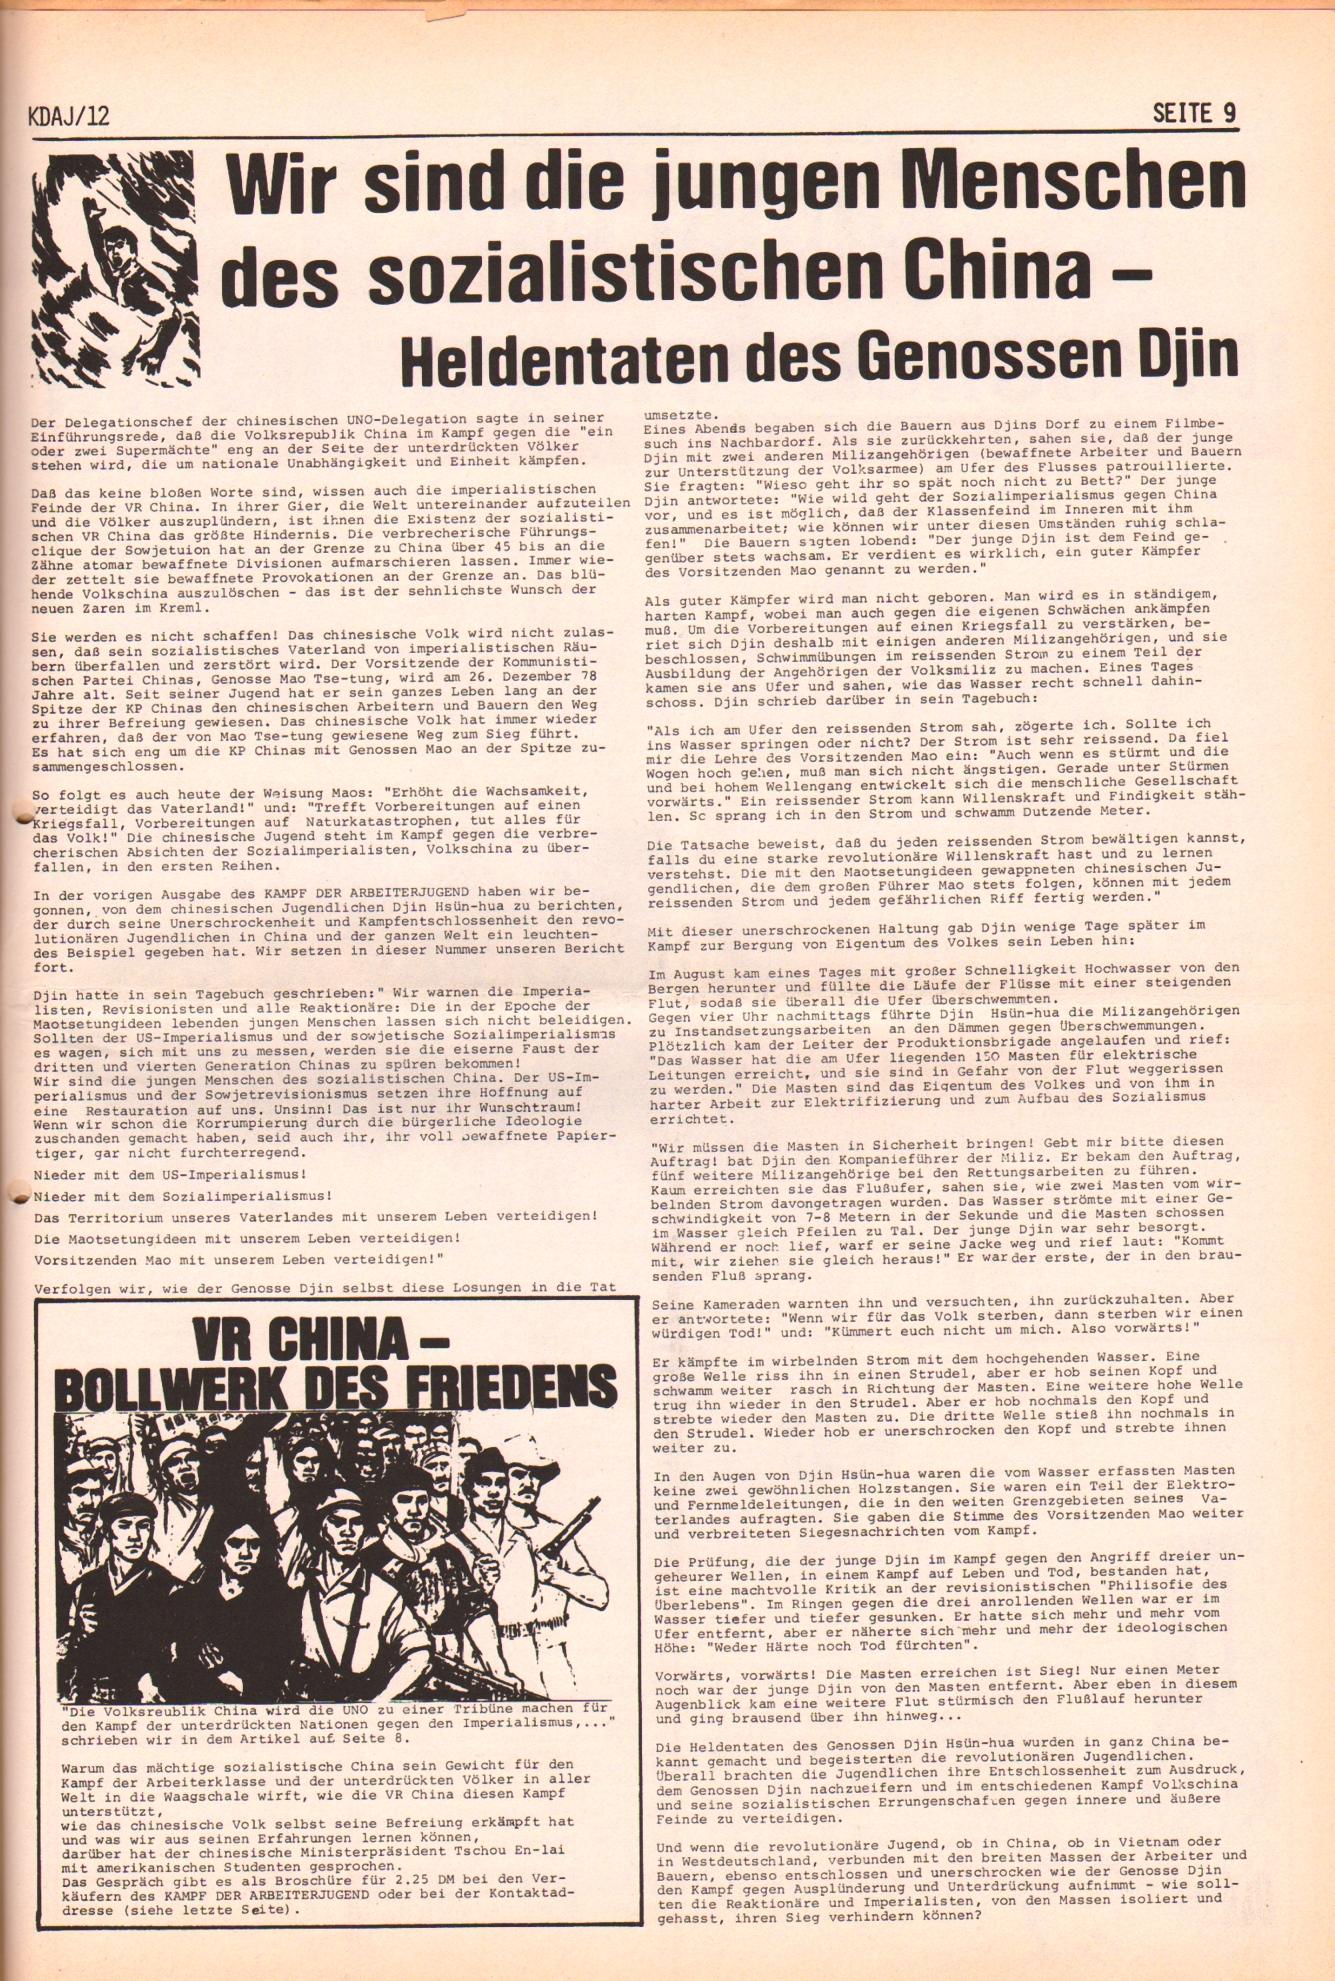 KDAJ, 2. Jg., Dezember 1971, Nr. 12, Seite 9